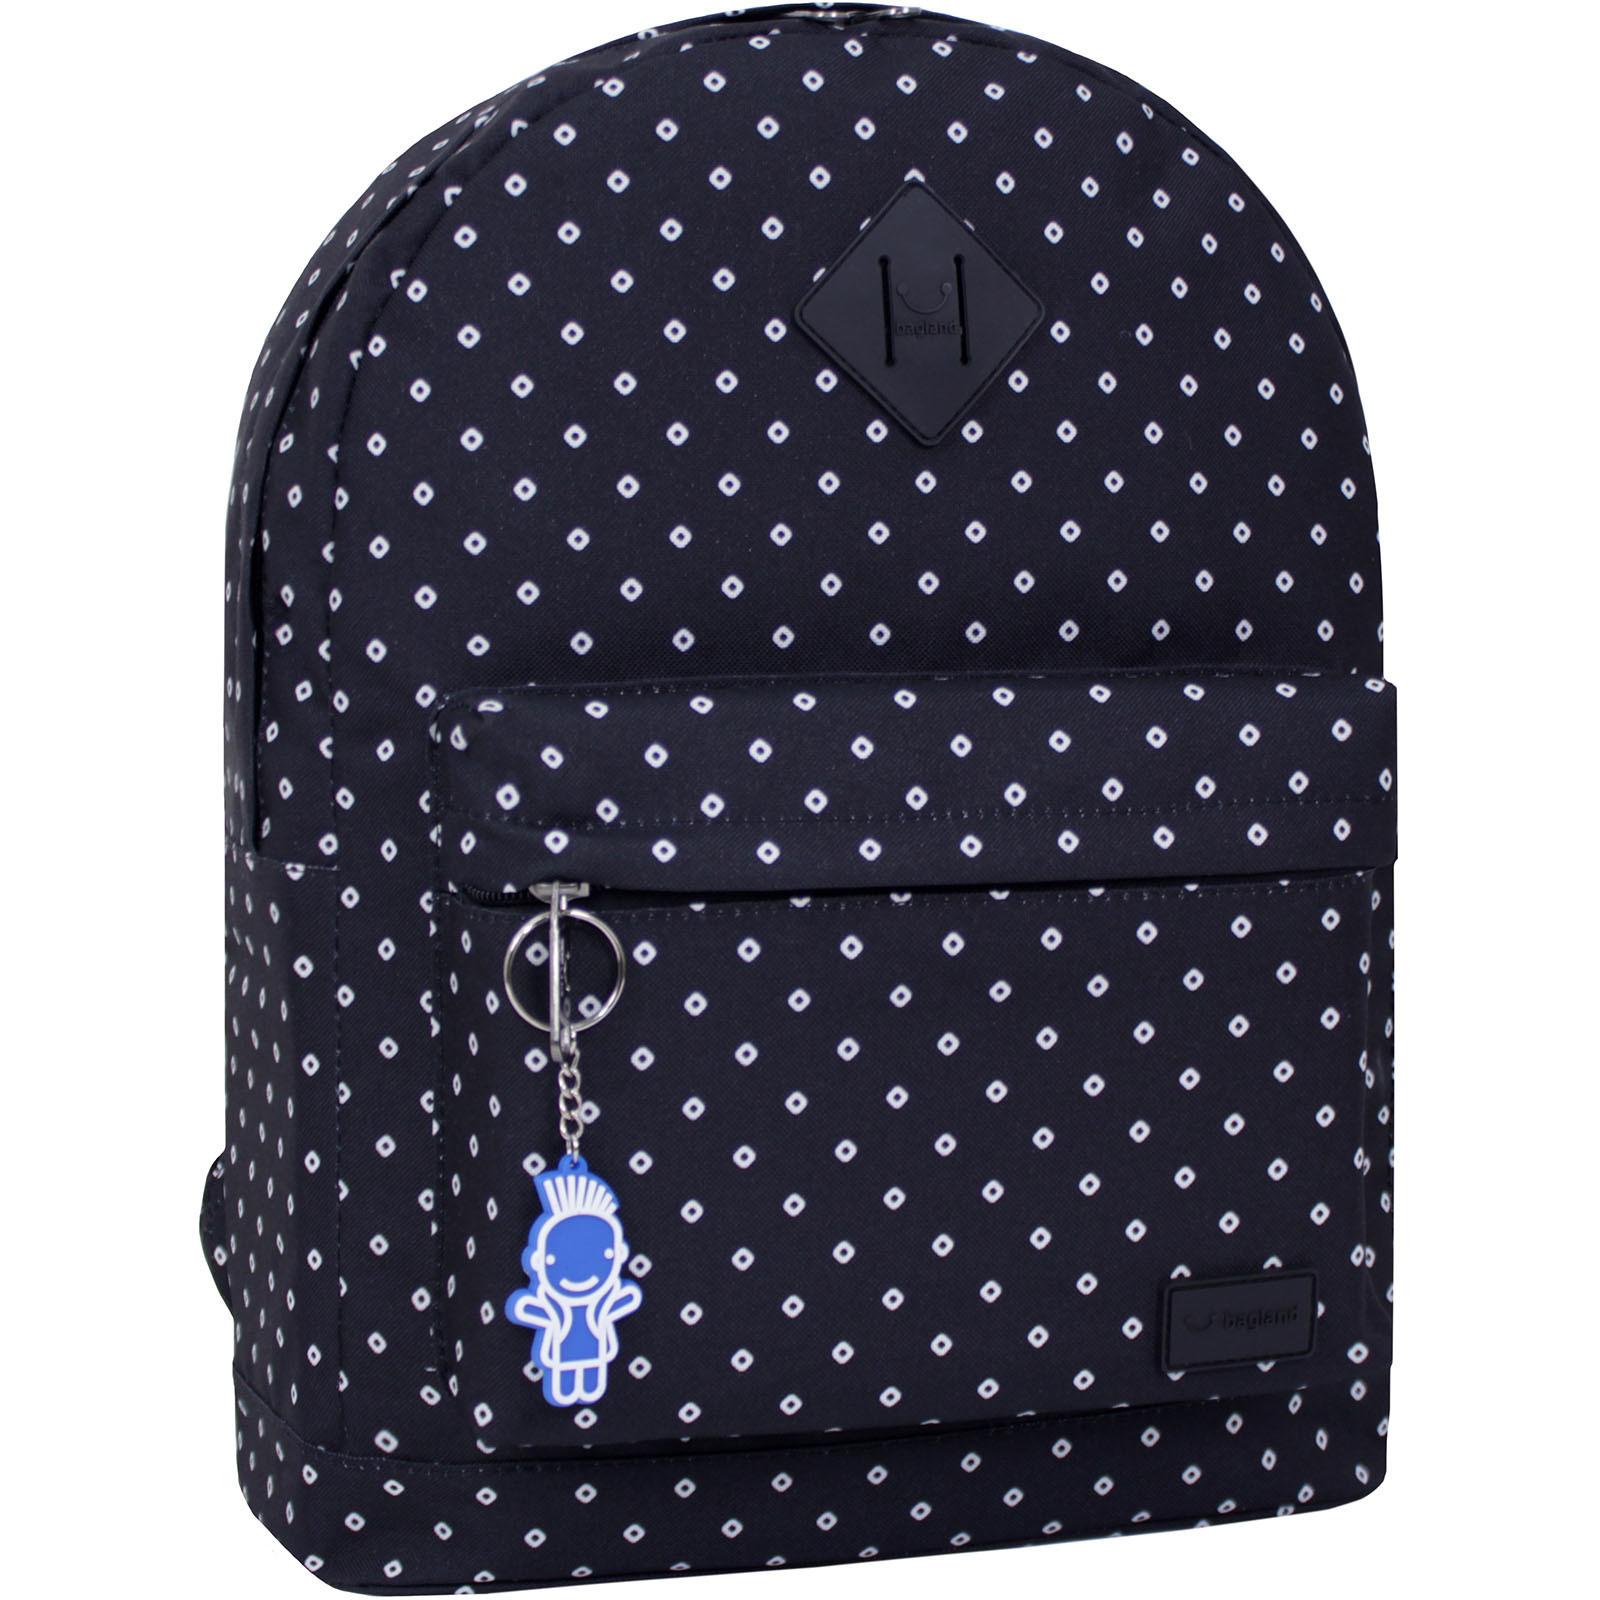 Молодежные рюкзаки Рюкзак Bagland Молодежный (дизайн) 17 л. сублімація 462 (00533664) IMG_3307_суб.462_.JPG